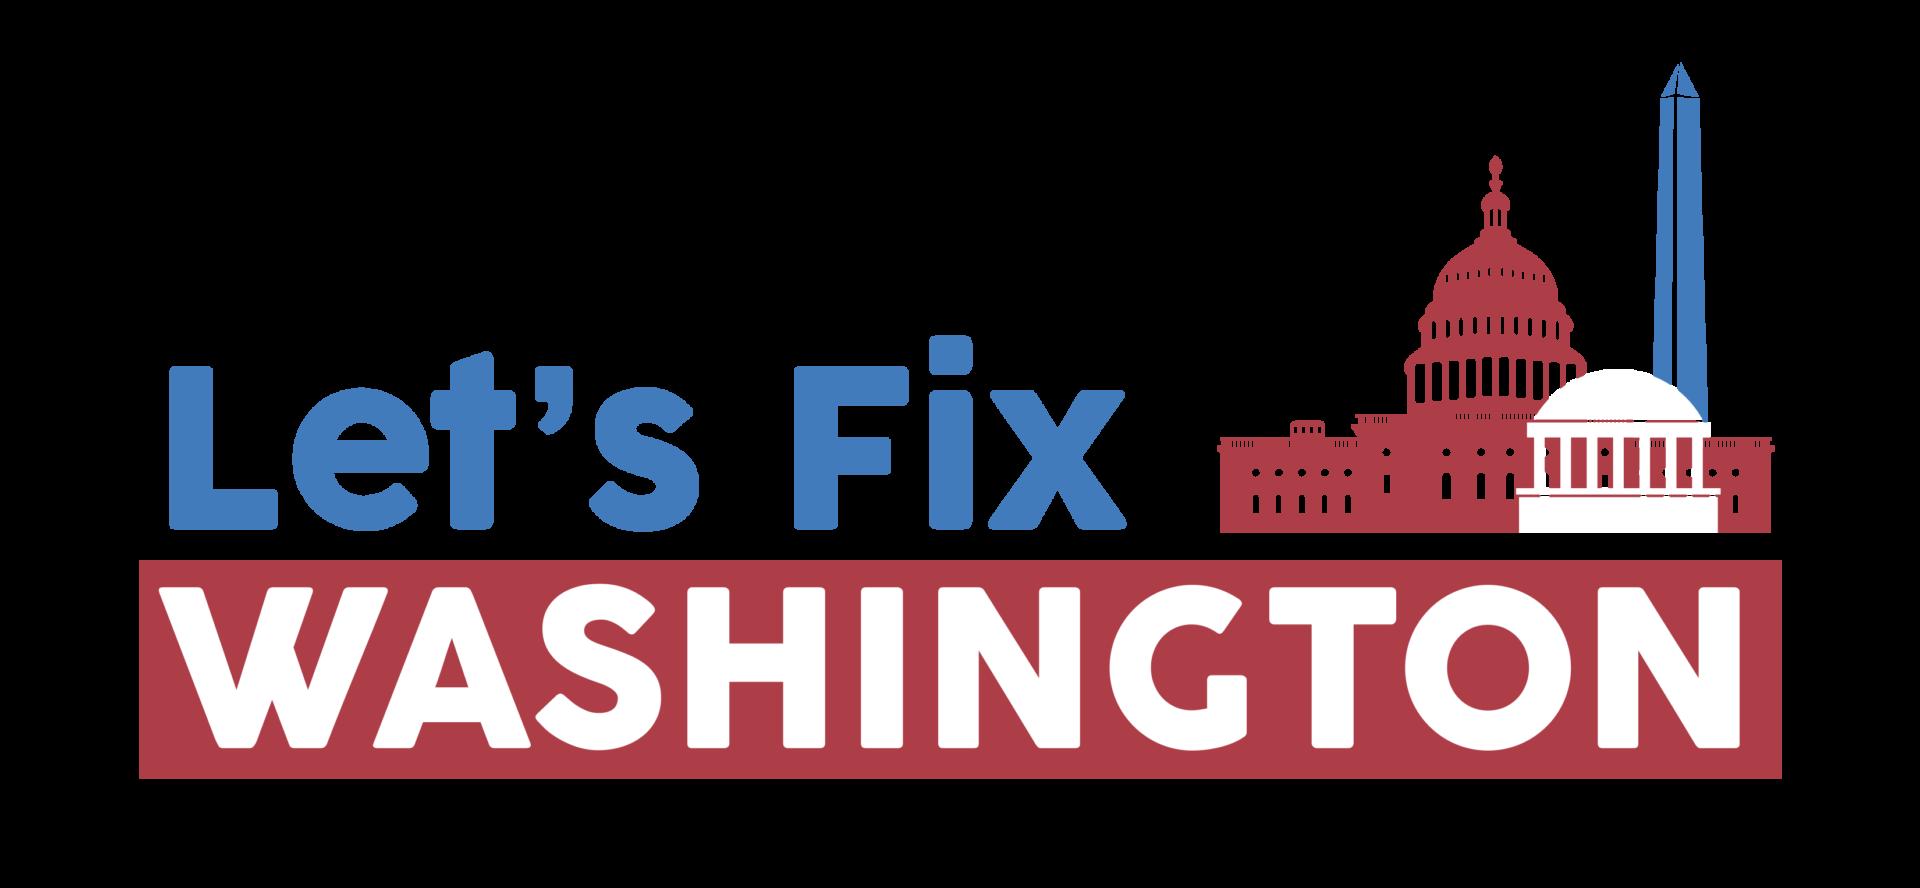 Let's Fix Washington